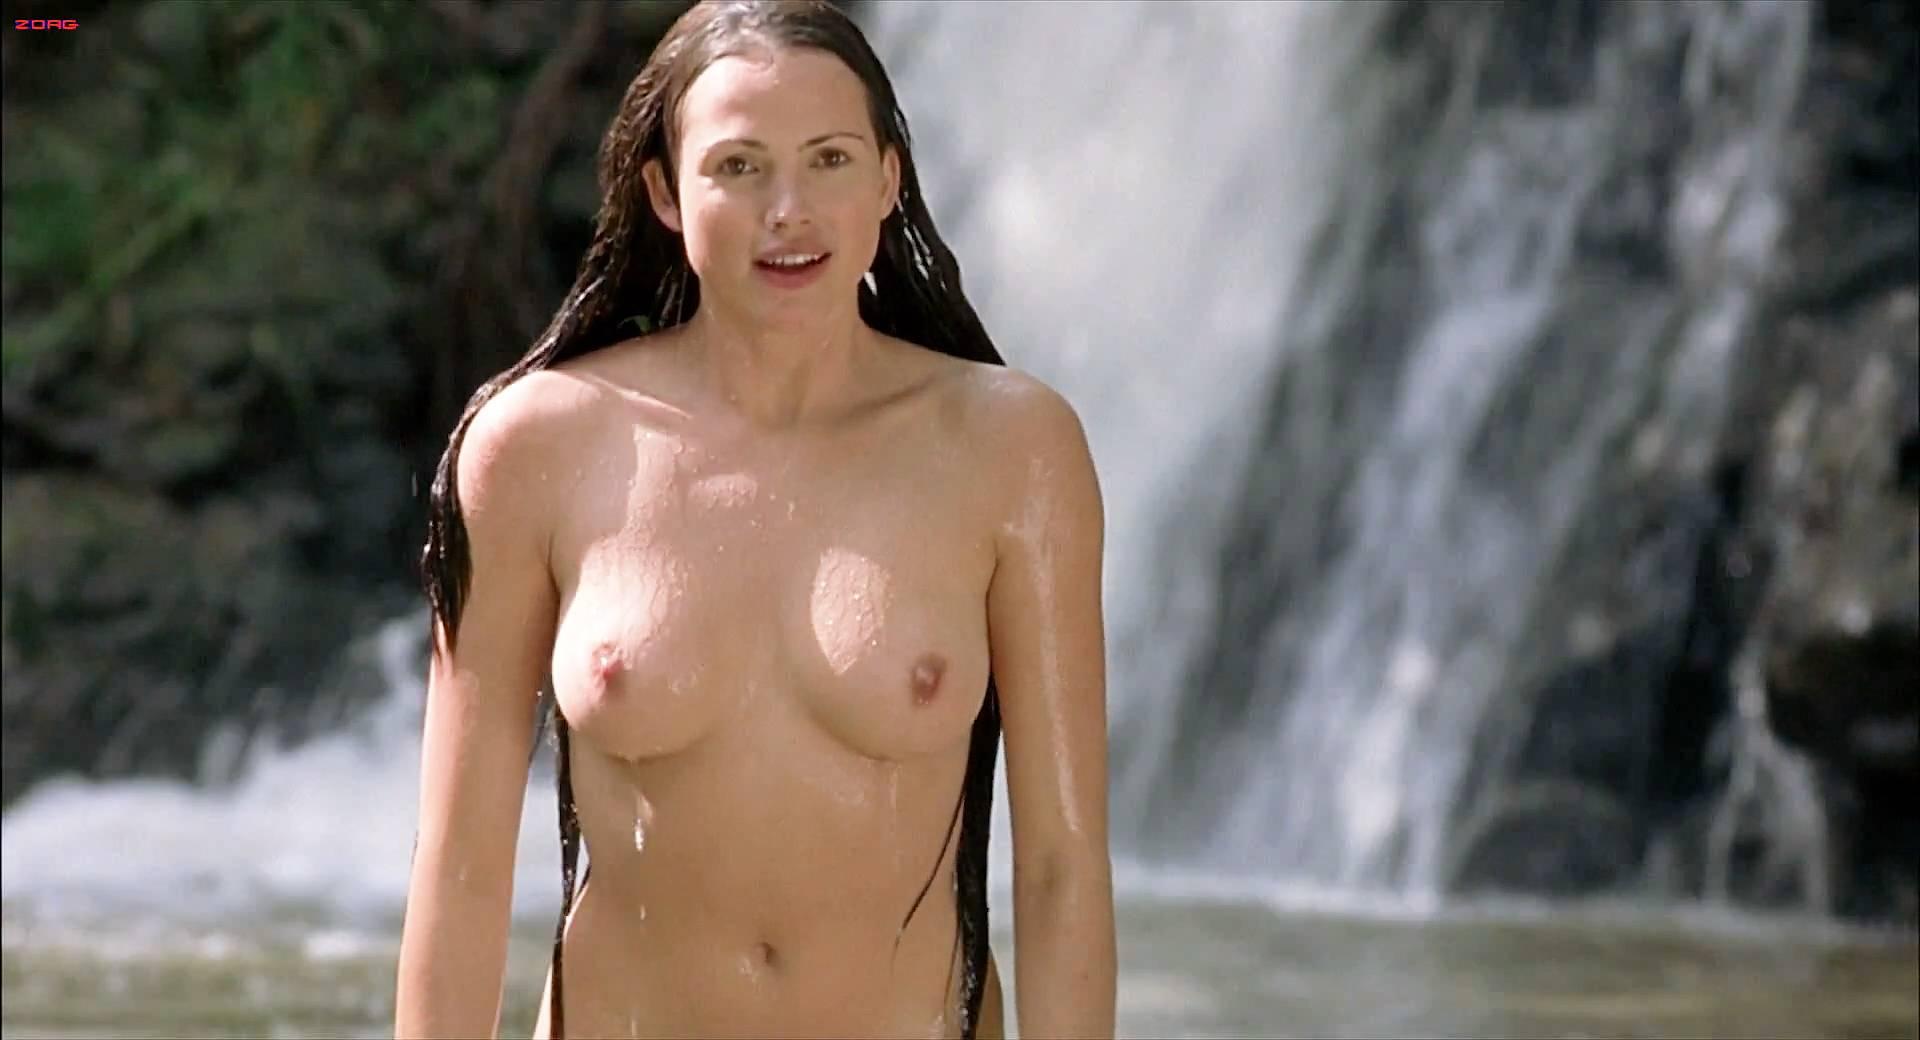 Nude pics of silvia colloca